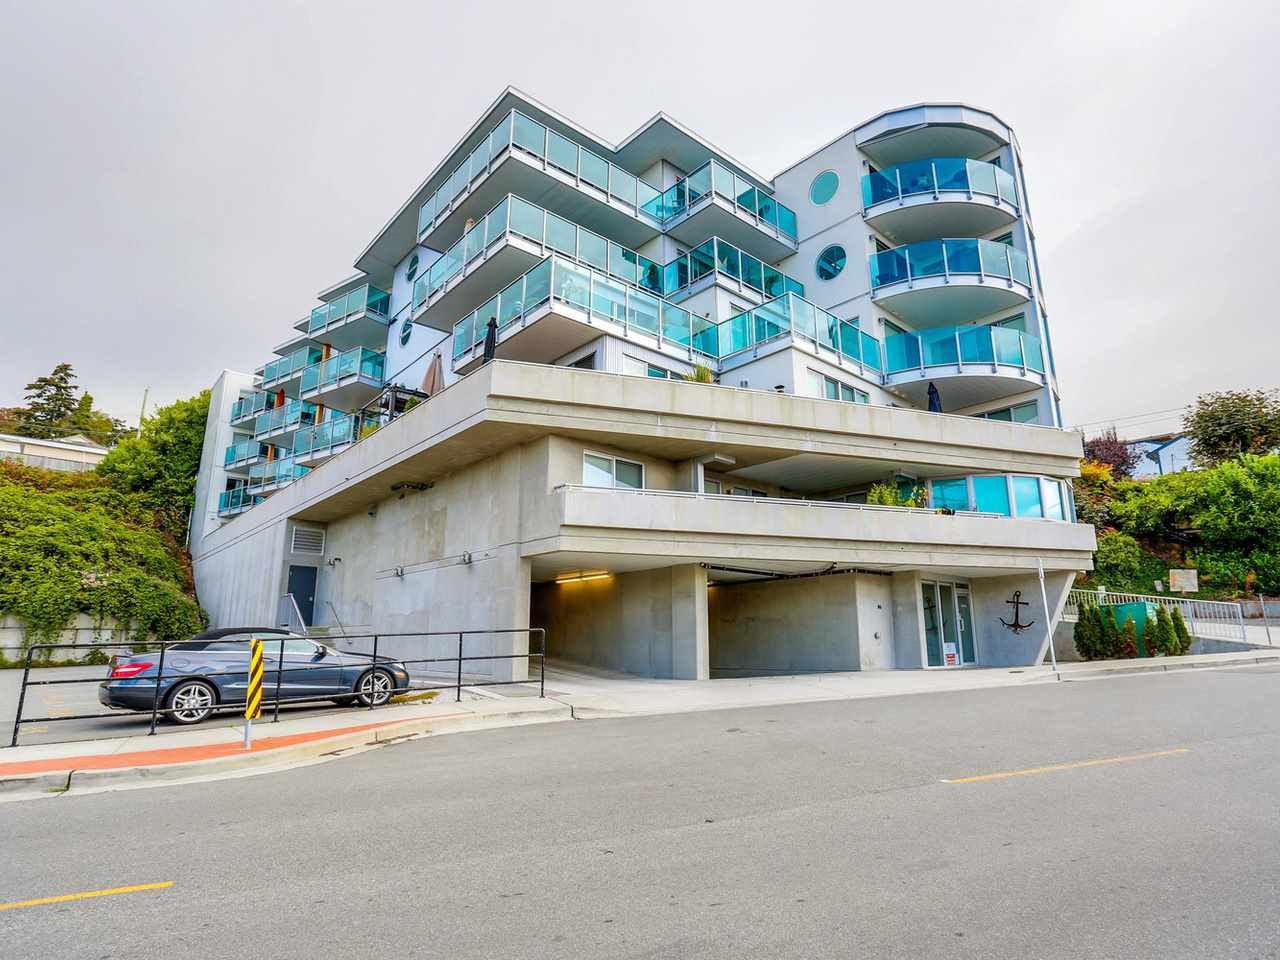 """Main Photo: 202 14955 VICTORIA Avenue: White Rock Condo for sale in """"SAUSALITO BEACH SIDE LIVING"""" (South Surrey White Rock)  : MLS®# R2128764"""